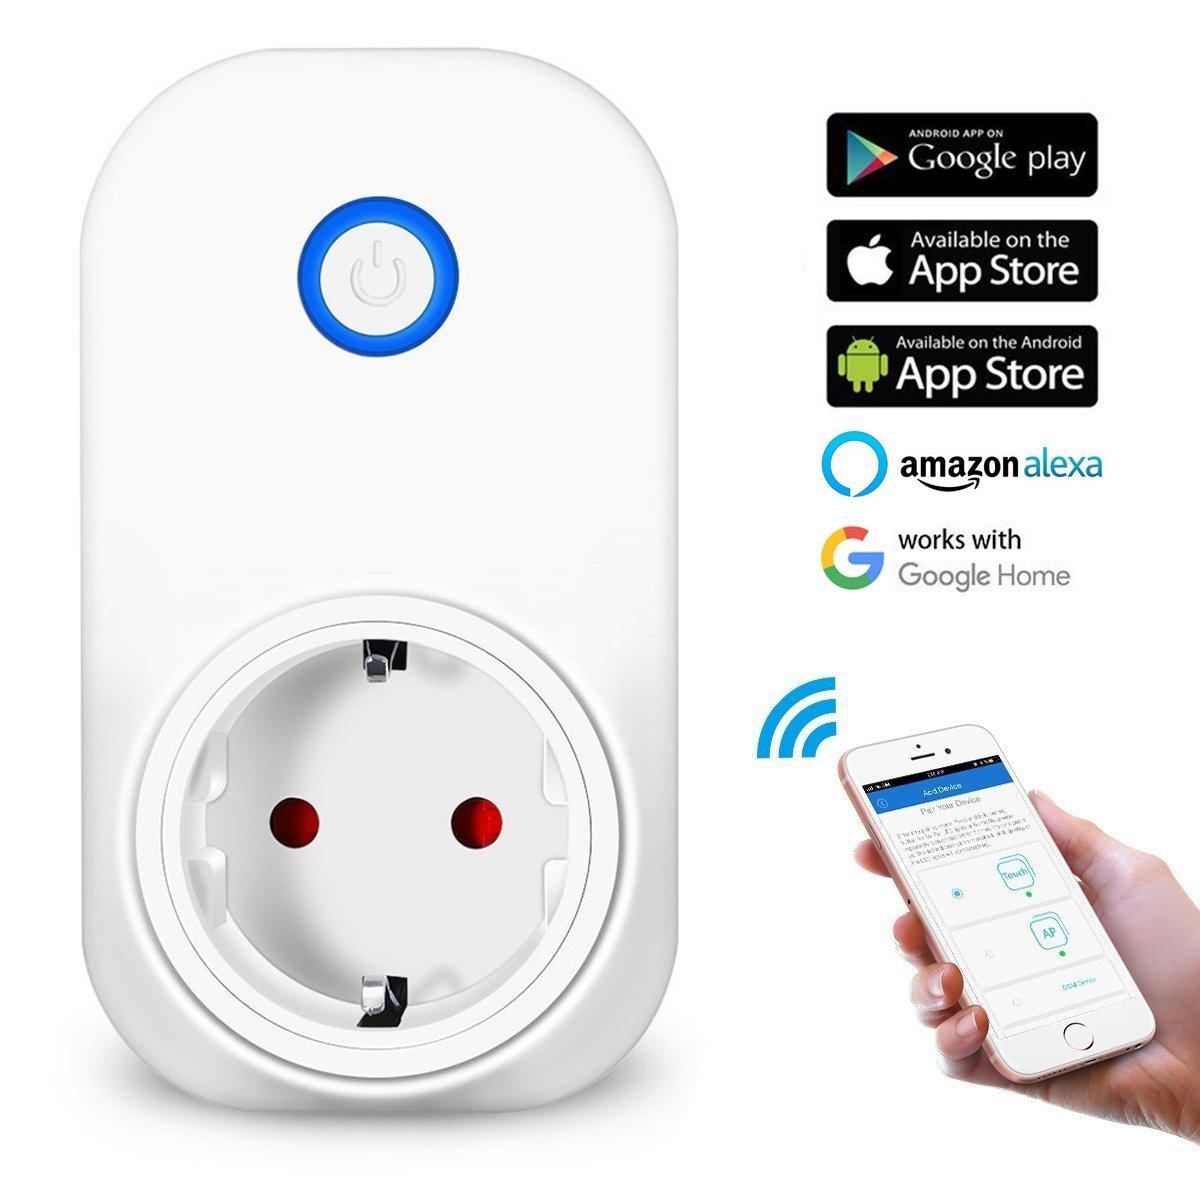 WLAN Steckdose, MECO Smart Wifi Steckdose intelligente Home Funksteckdose Funktioniert mit  Alexa (Echo und Echo Dot) und Google Home App Steuerung fü r IOS und Android